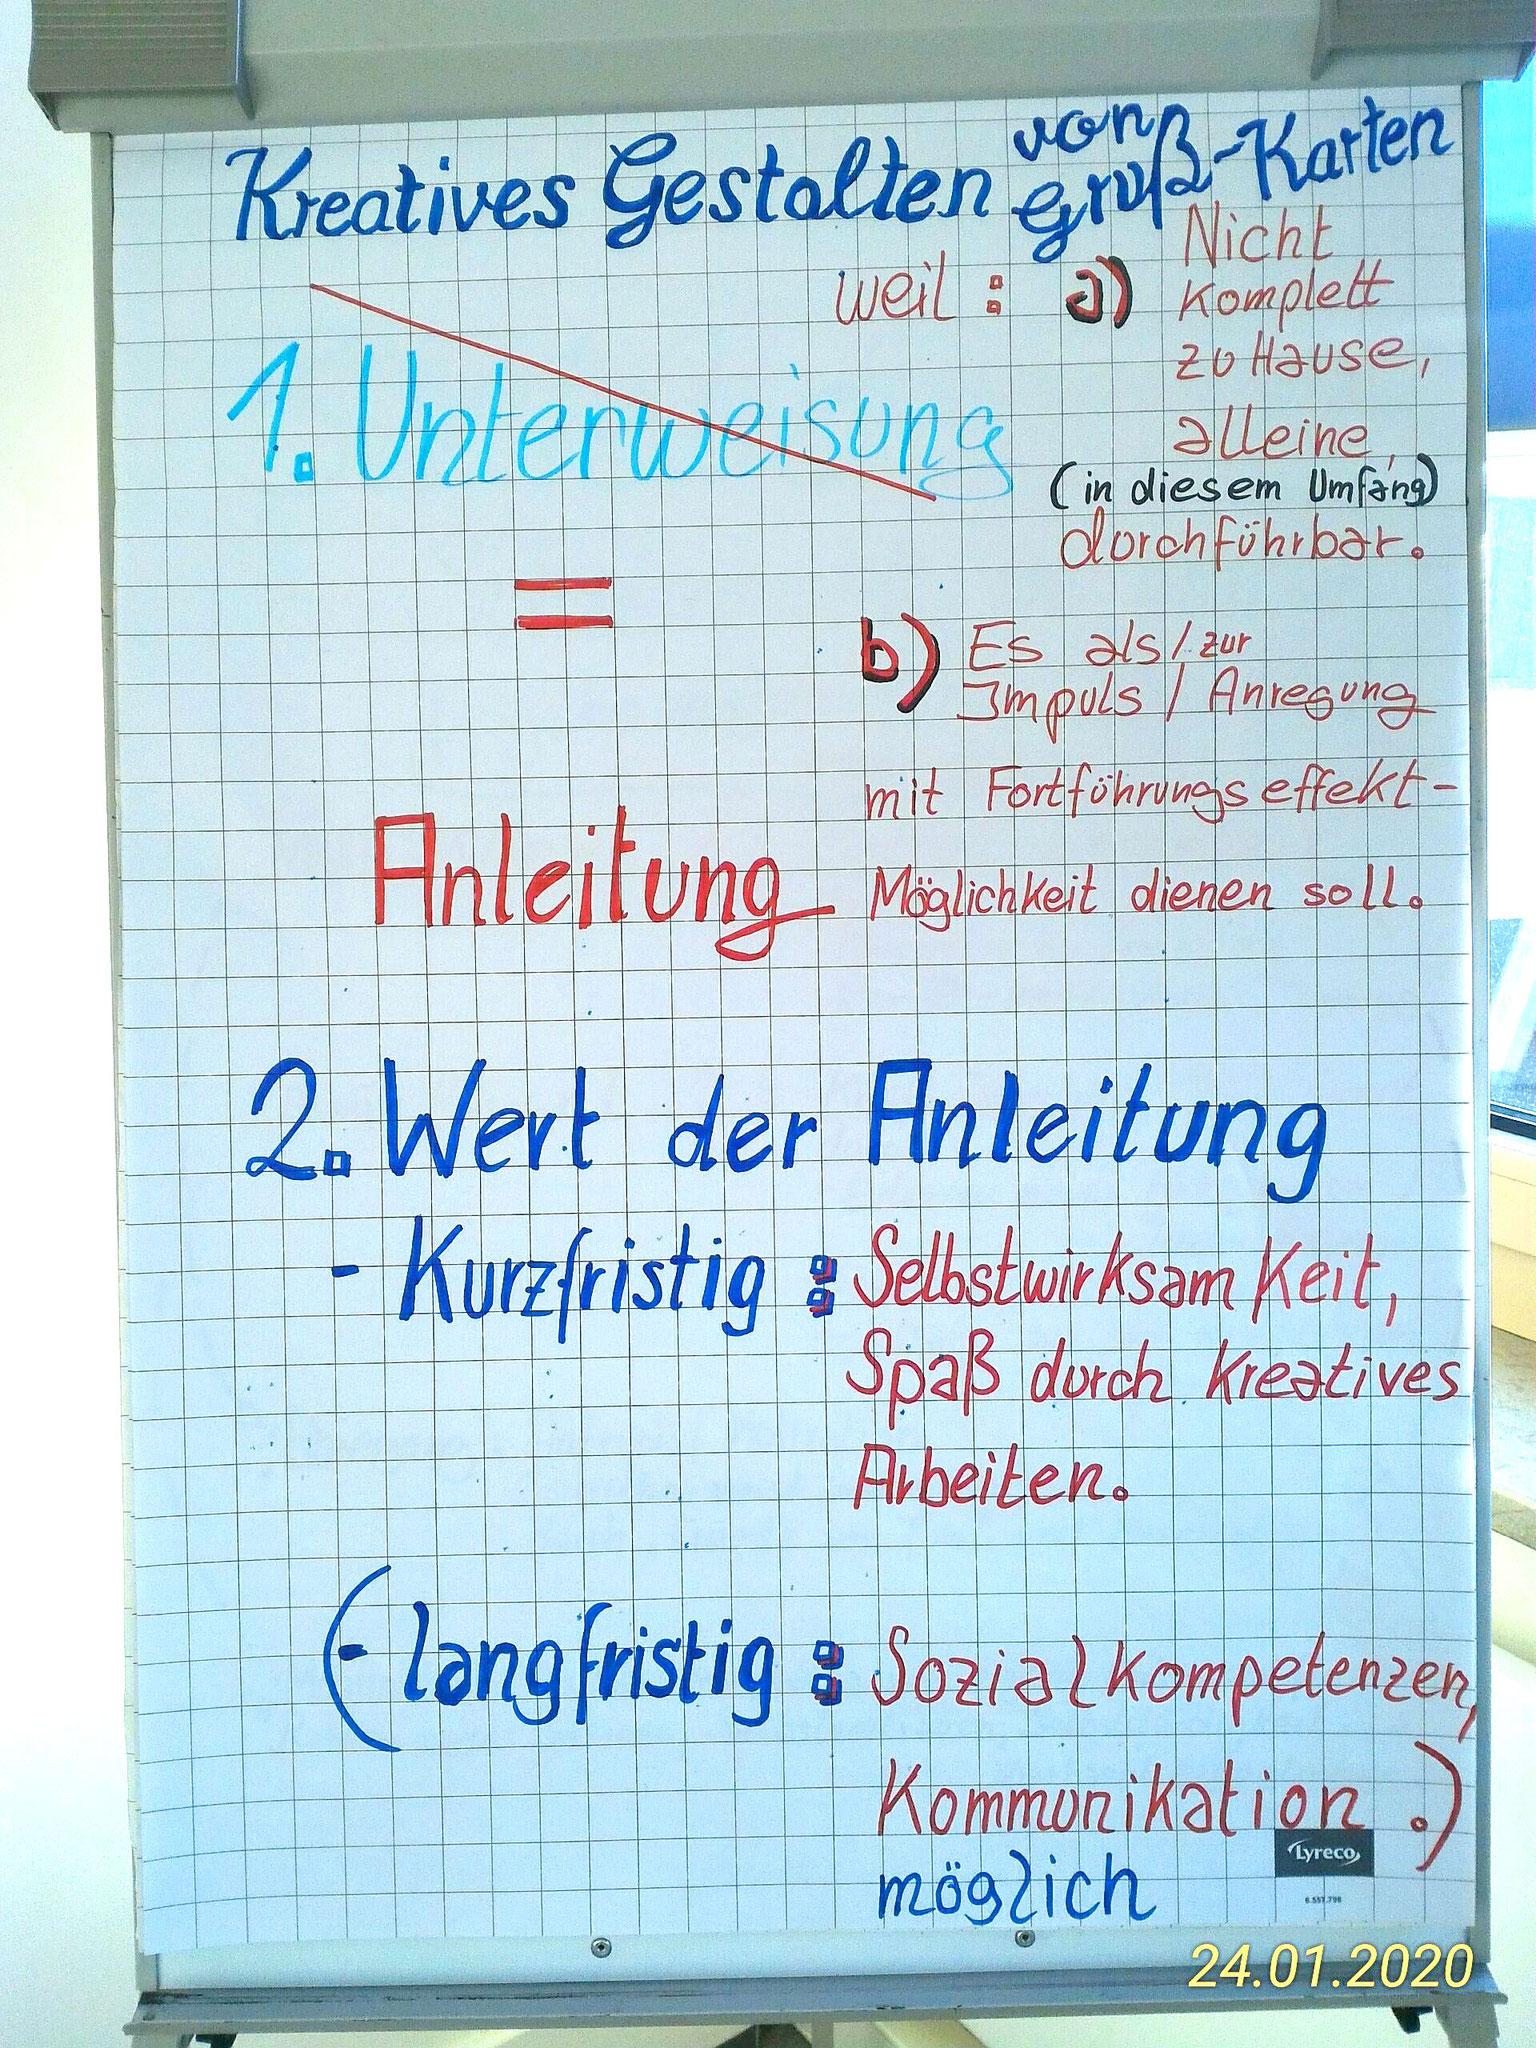 Flipchart Konzept S.1 zur Anleitung